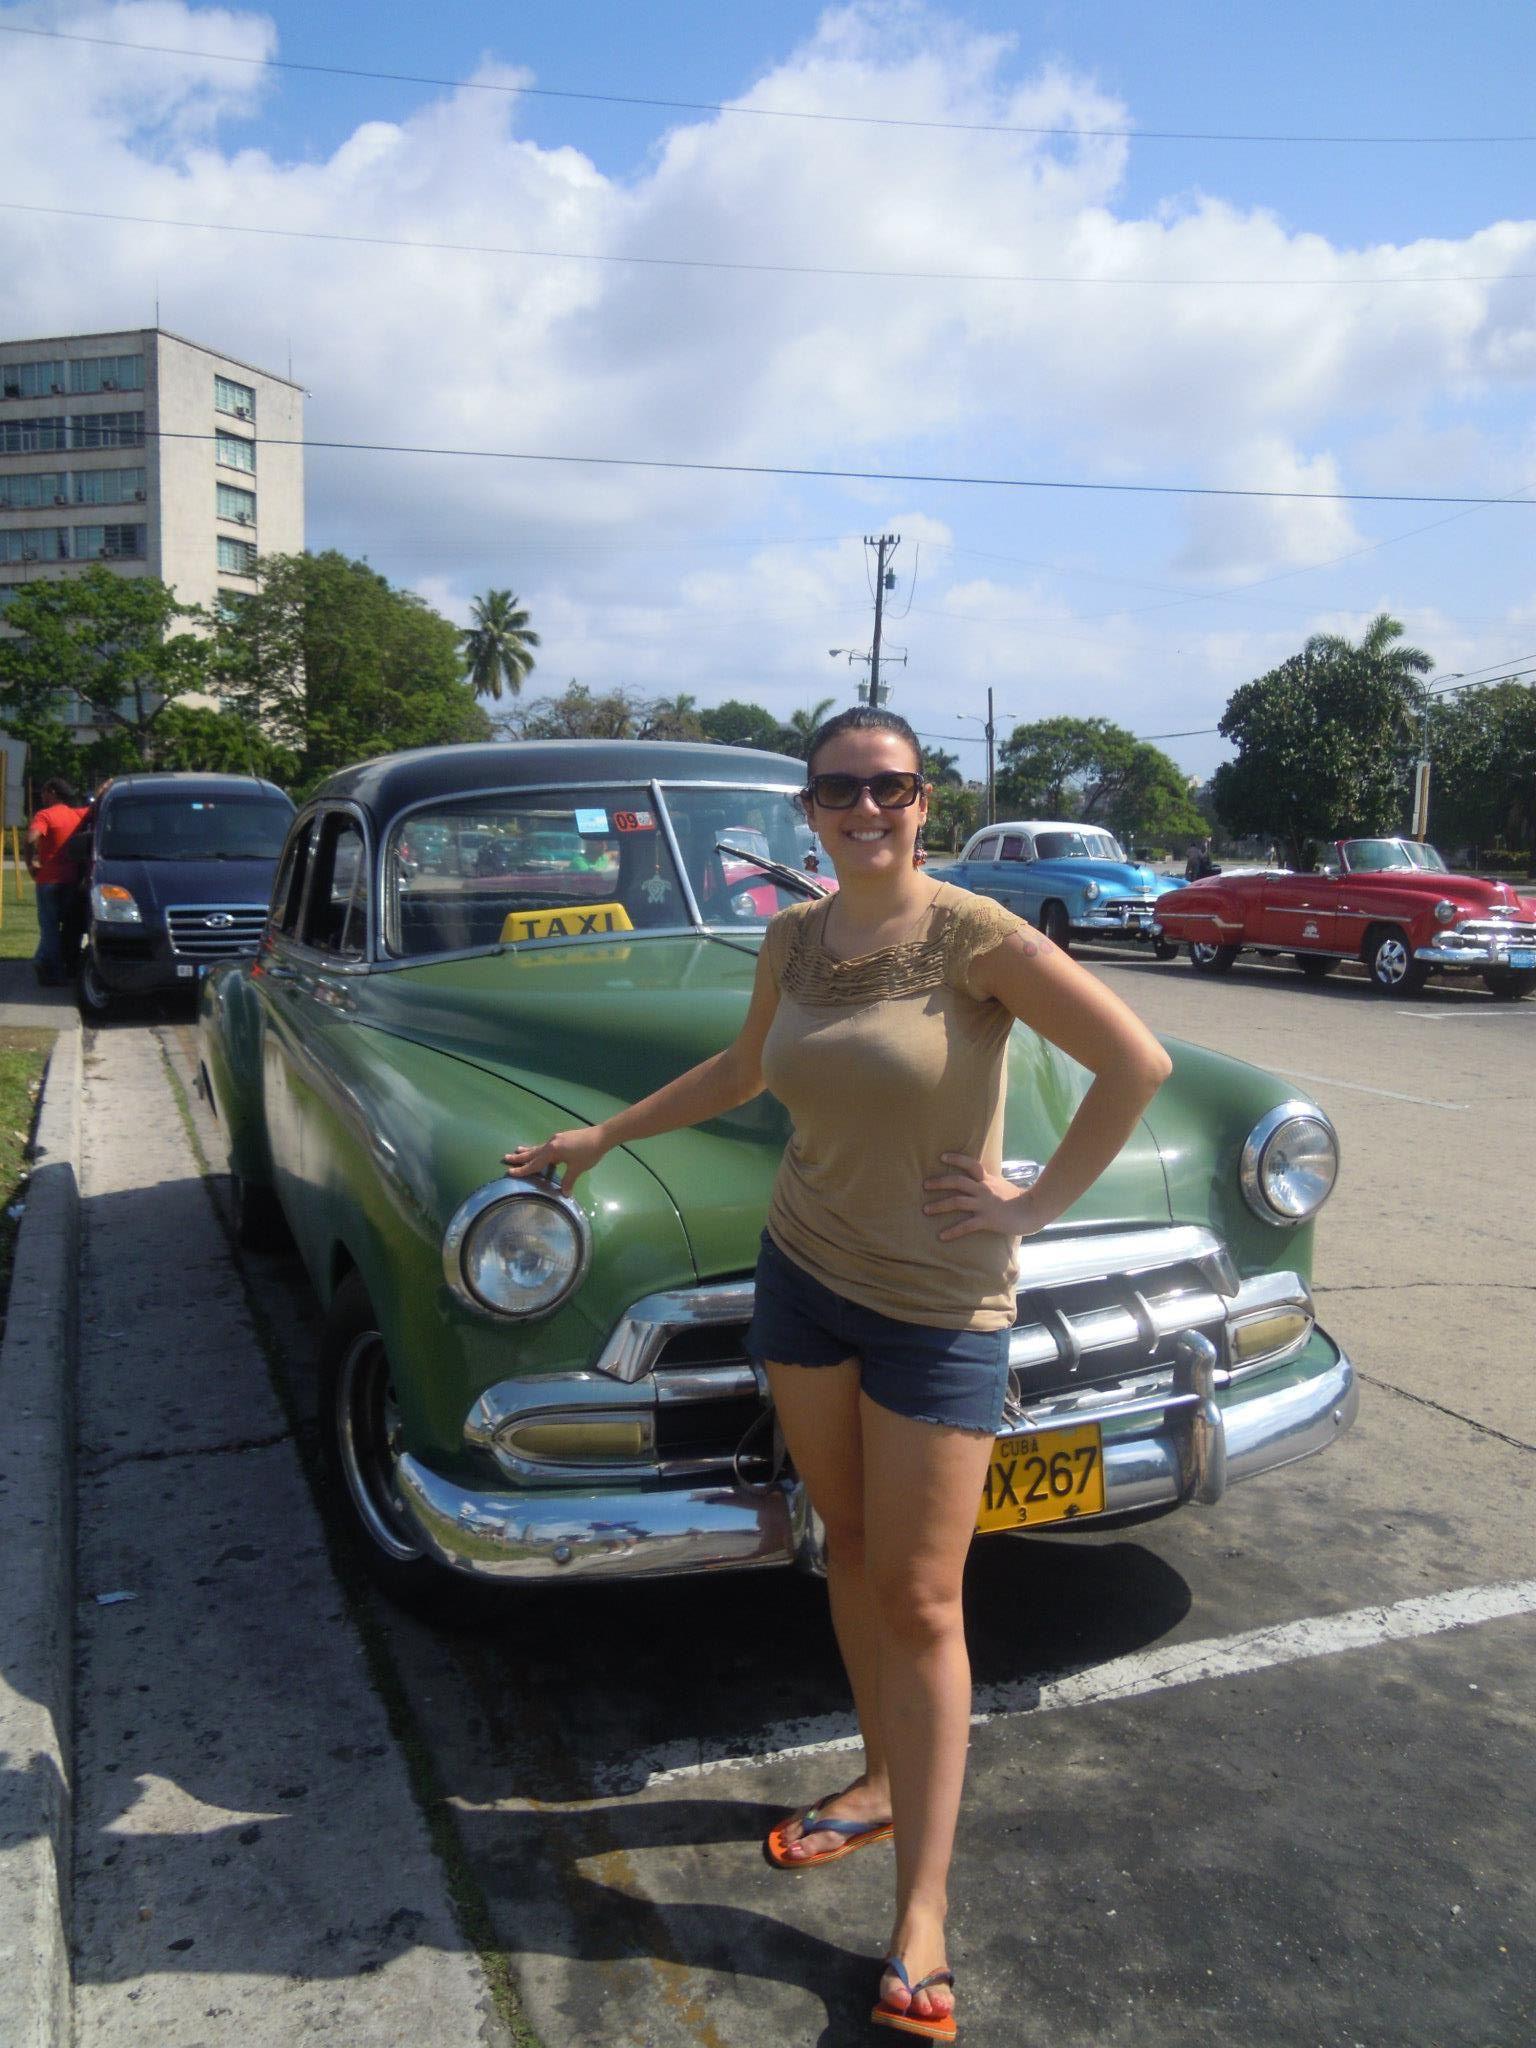 Gisella in Viaggio da sola a Cuba, i compagni li incontri nel cammino.